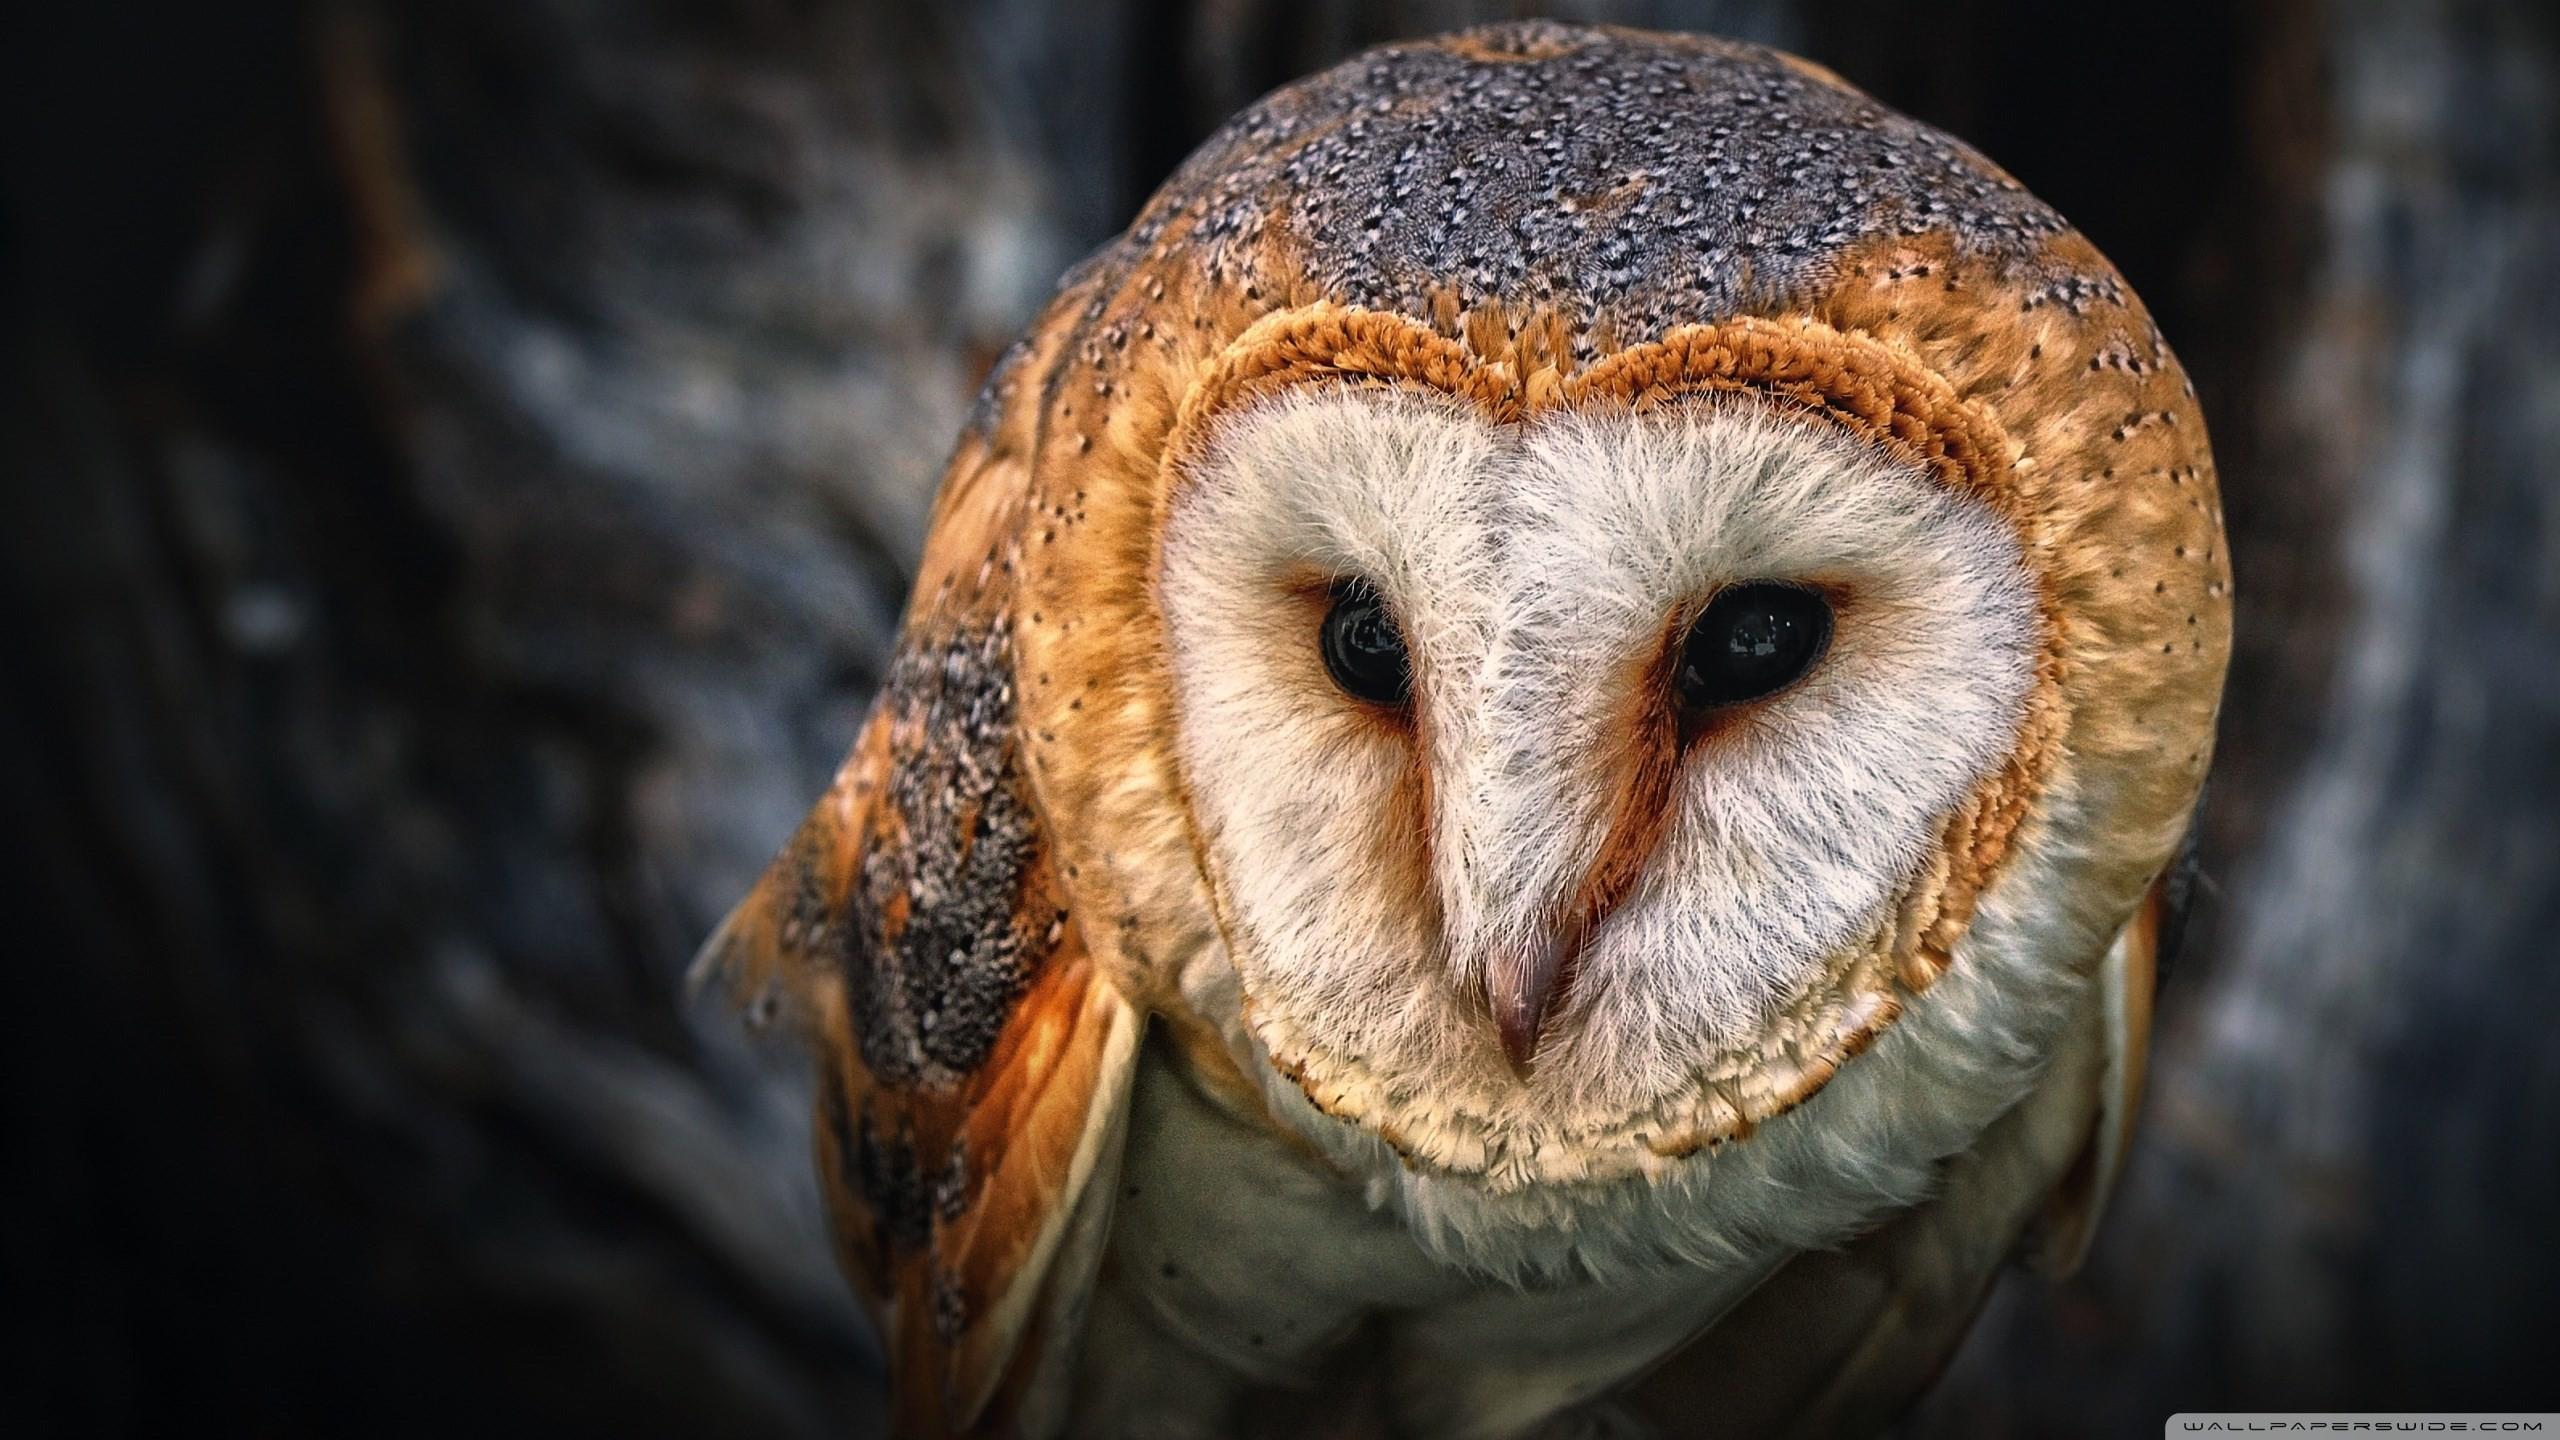 wallpaper images barn owl